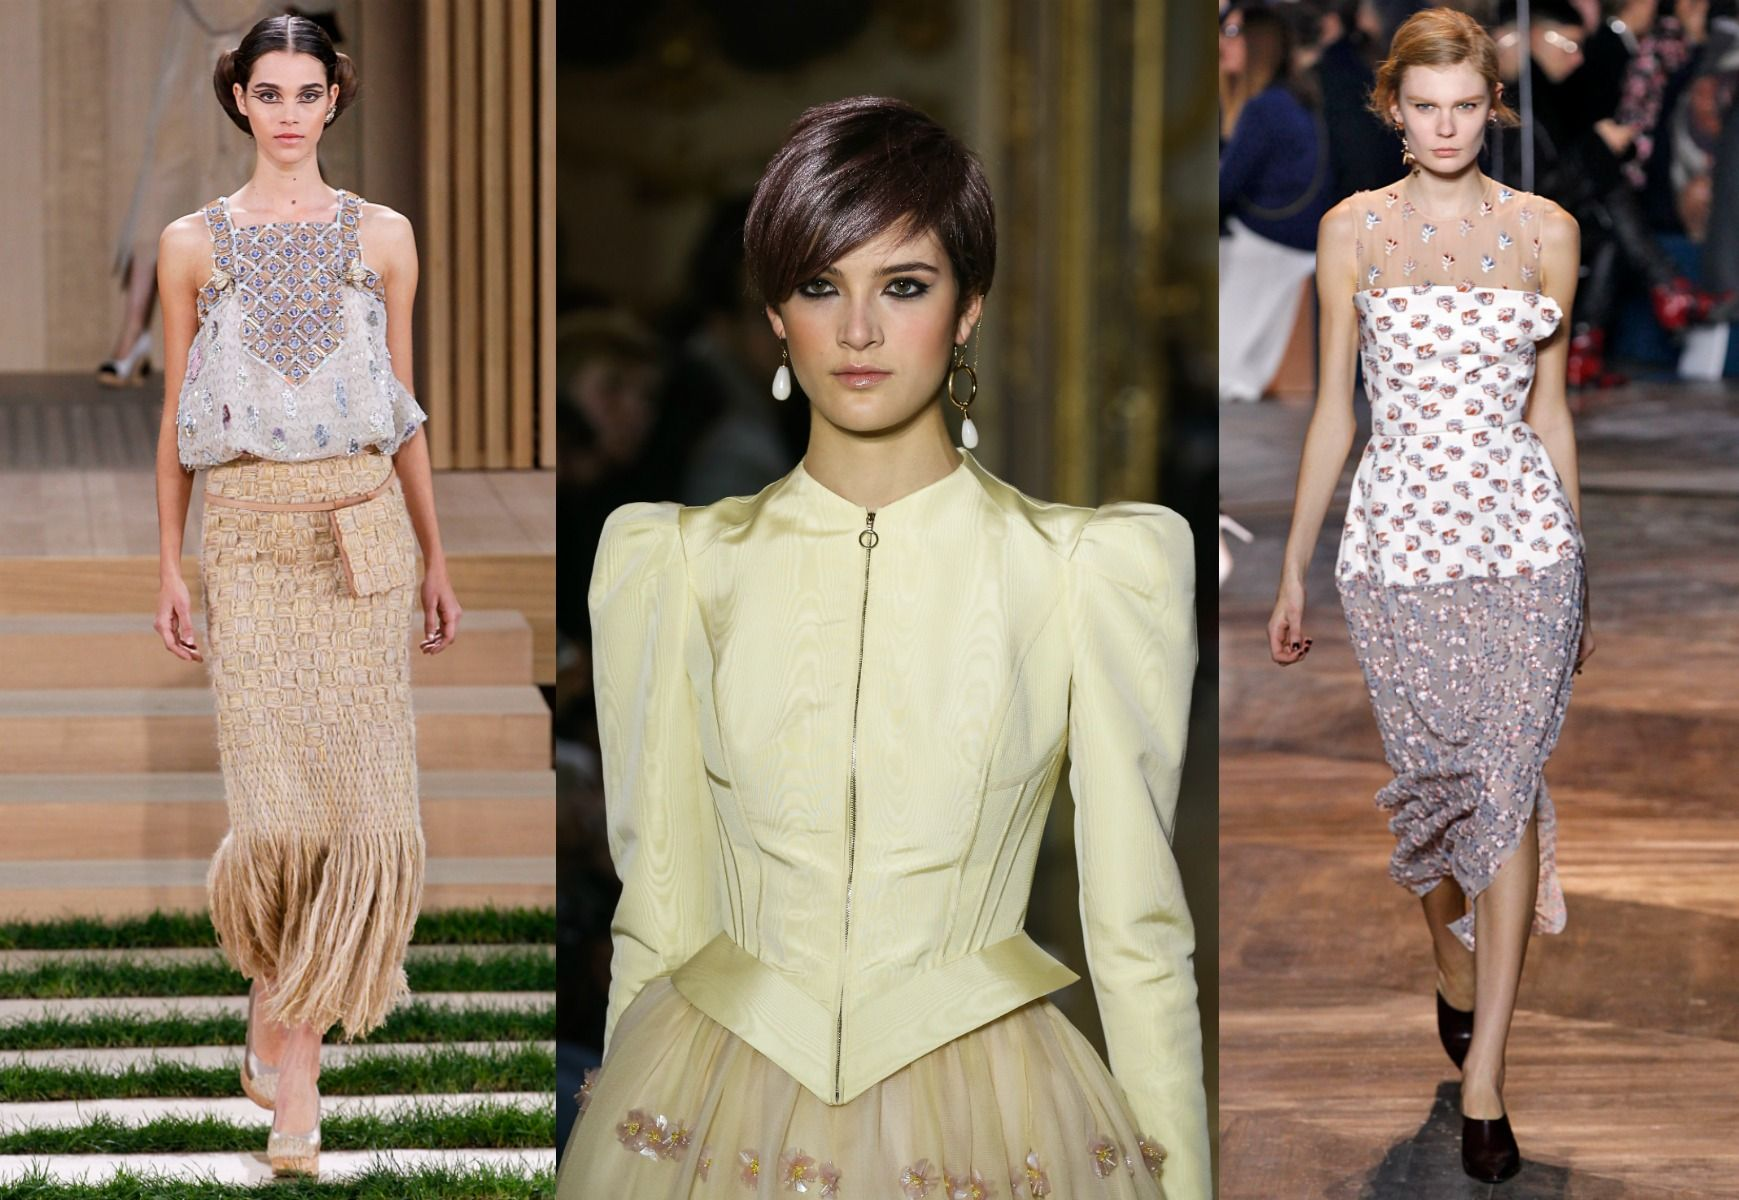 Matrimonio Country Chic Abbigliamento Invitati : Come vestirsi ad un matrimonio estivo mystyle giglio